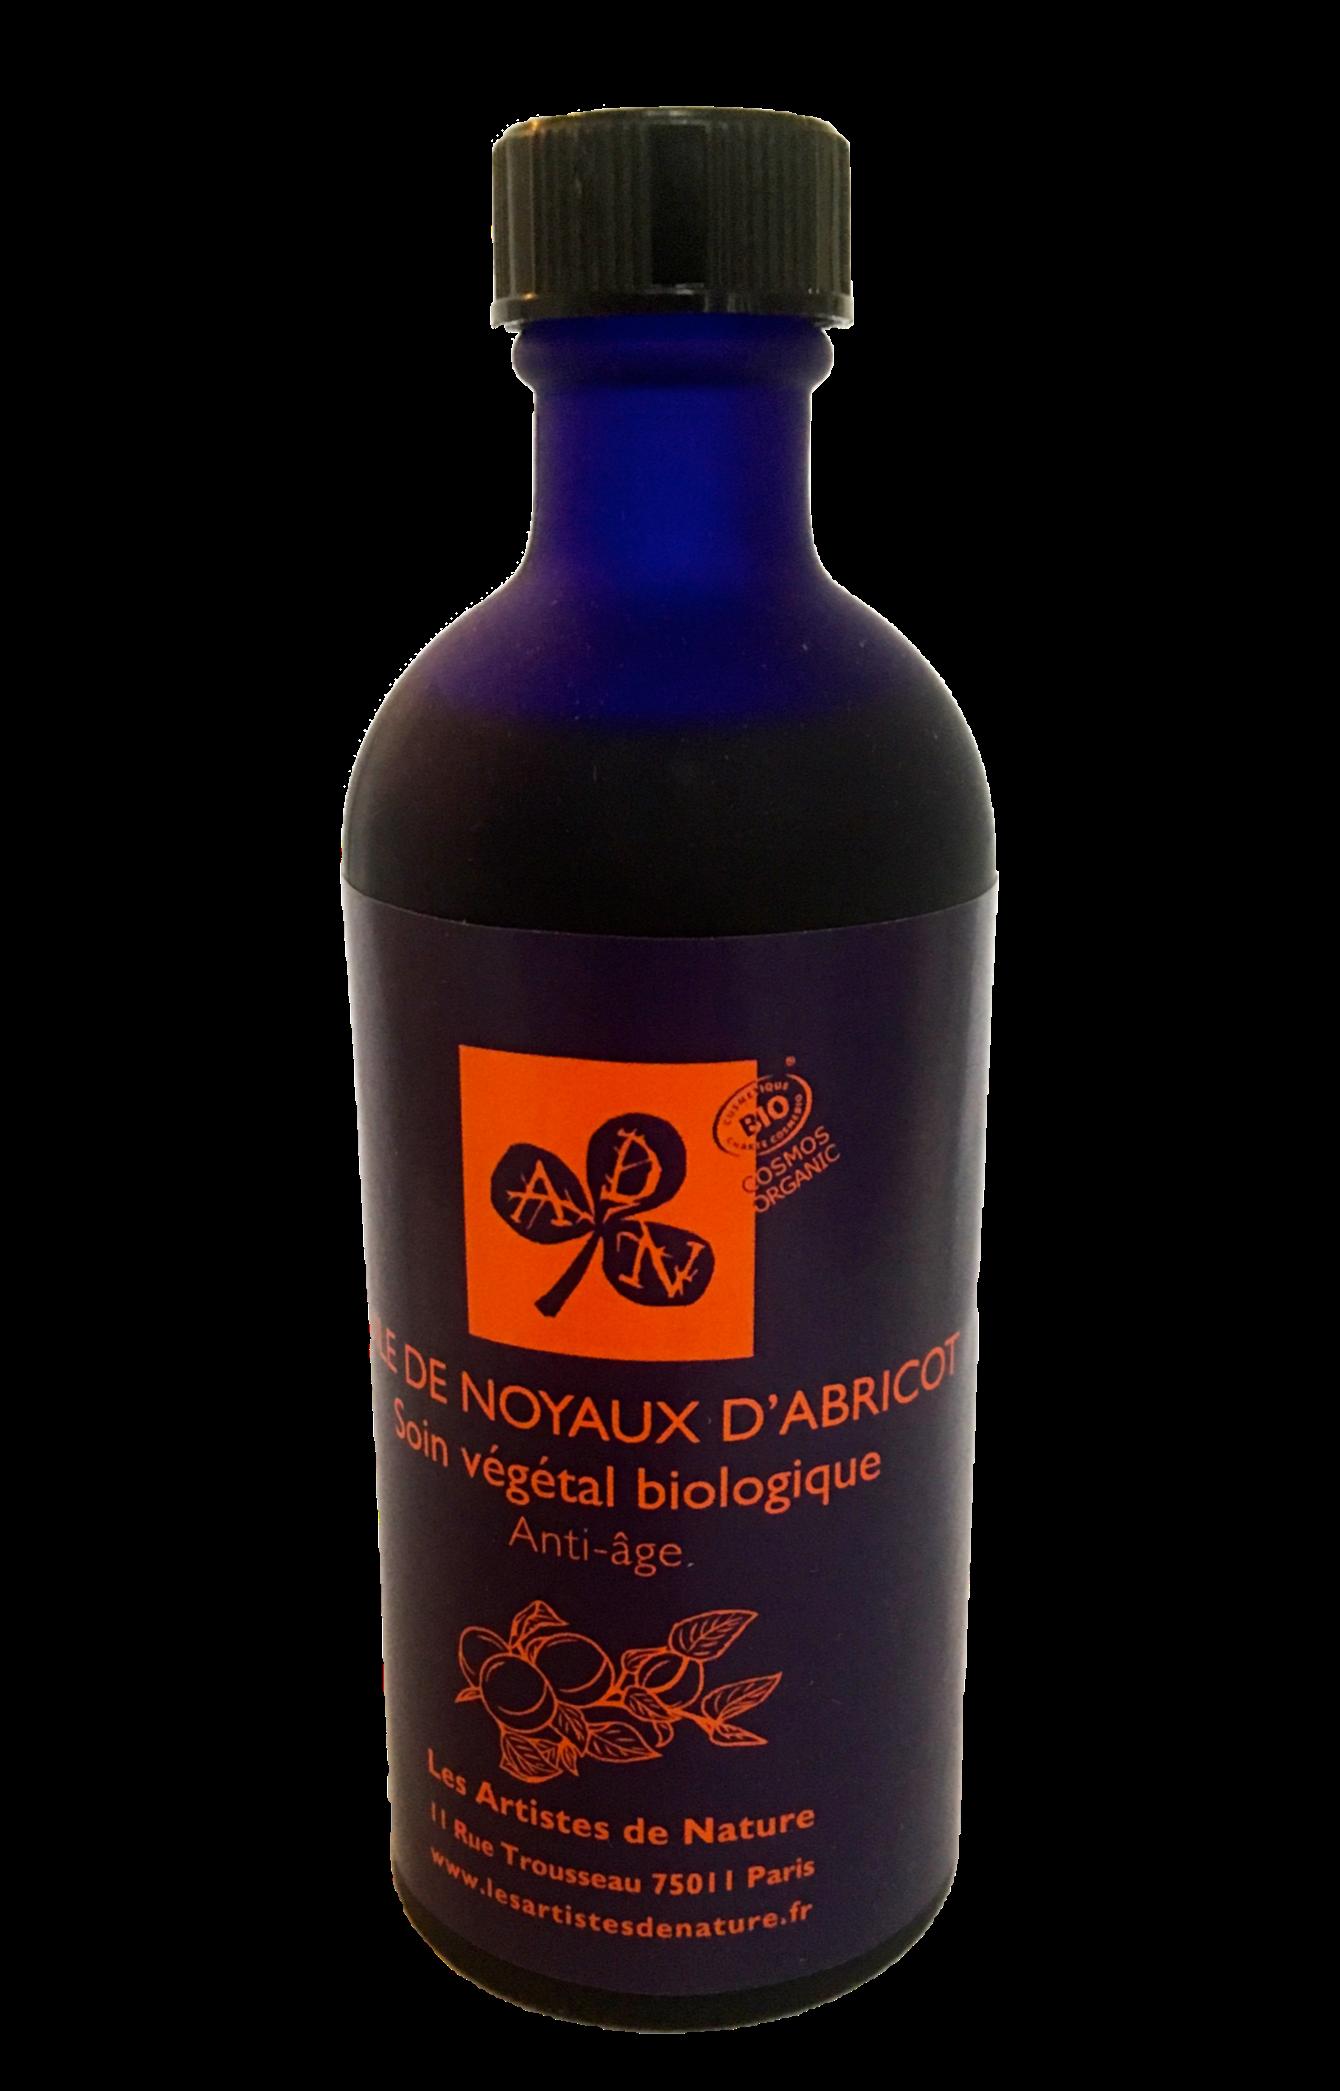 LES ARTISTES DE NATURE- huile végétale bilogique de noyaux d'abricot